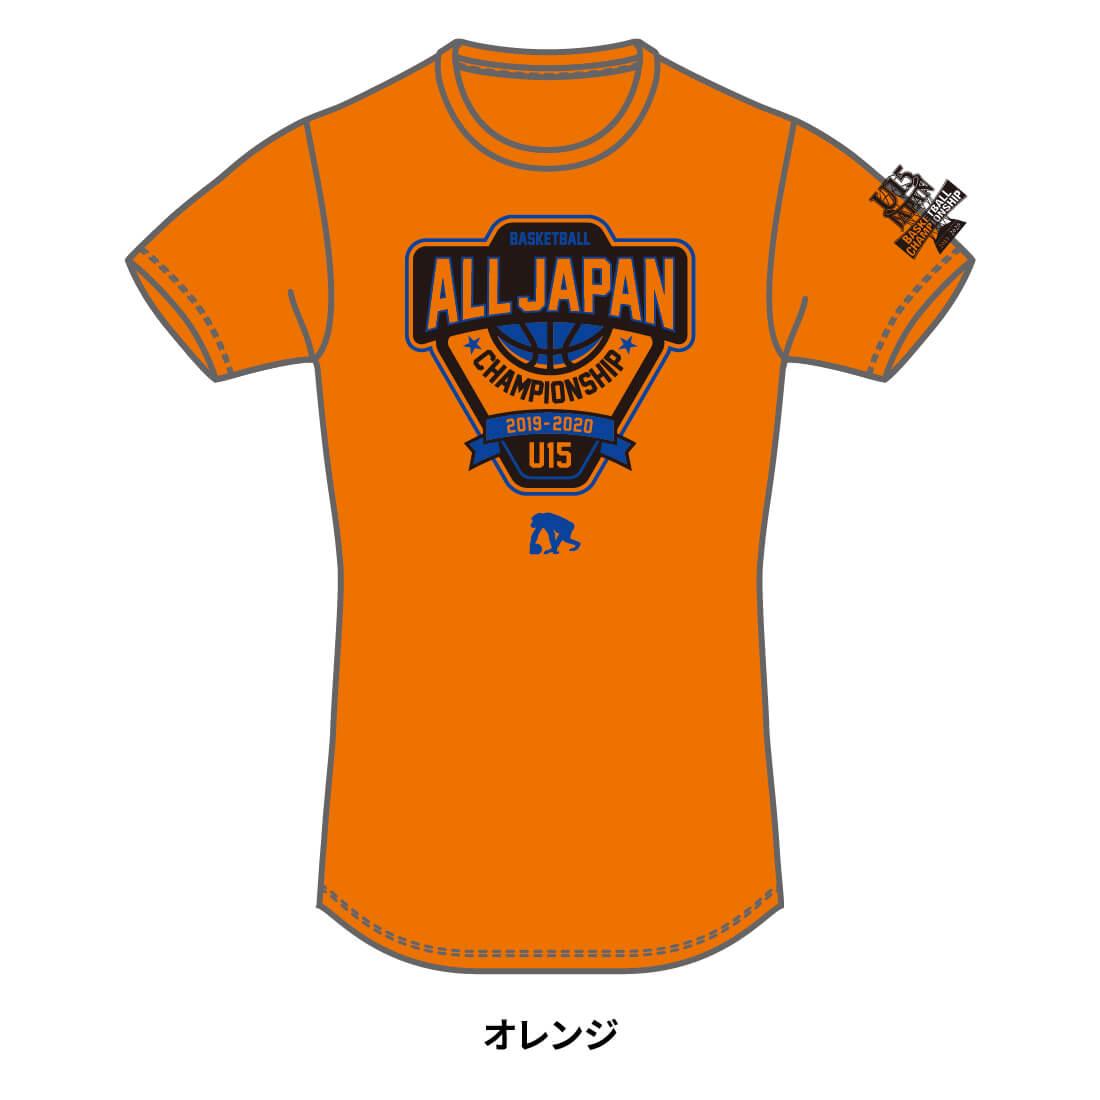 【全国U15限定】EGOZARU T-SHIRTS A オレンジ